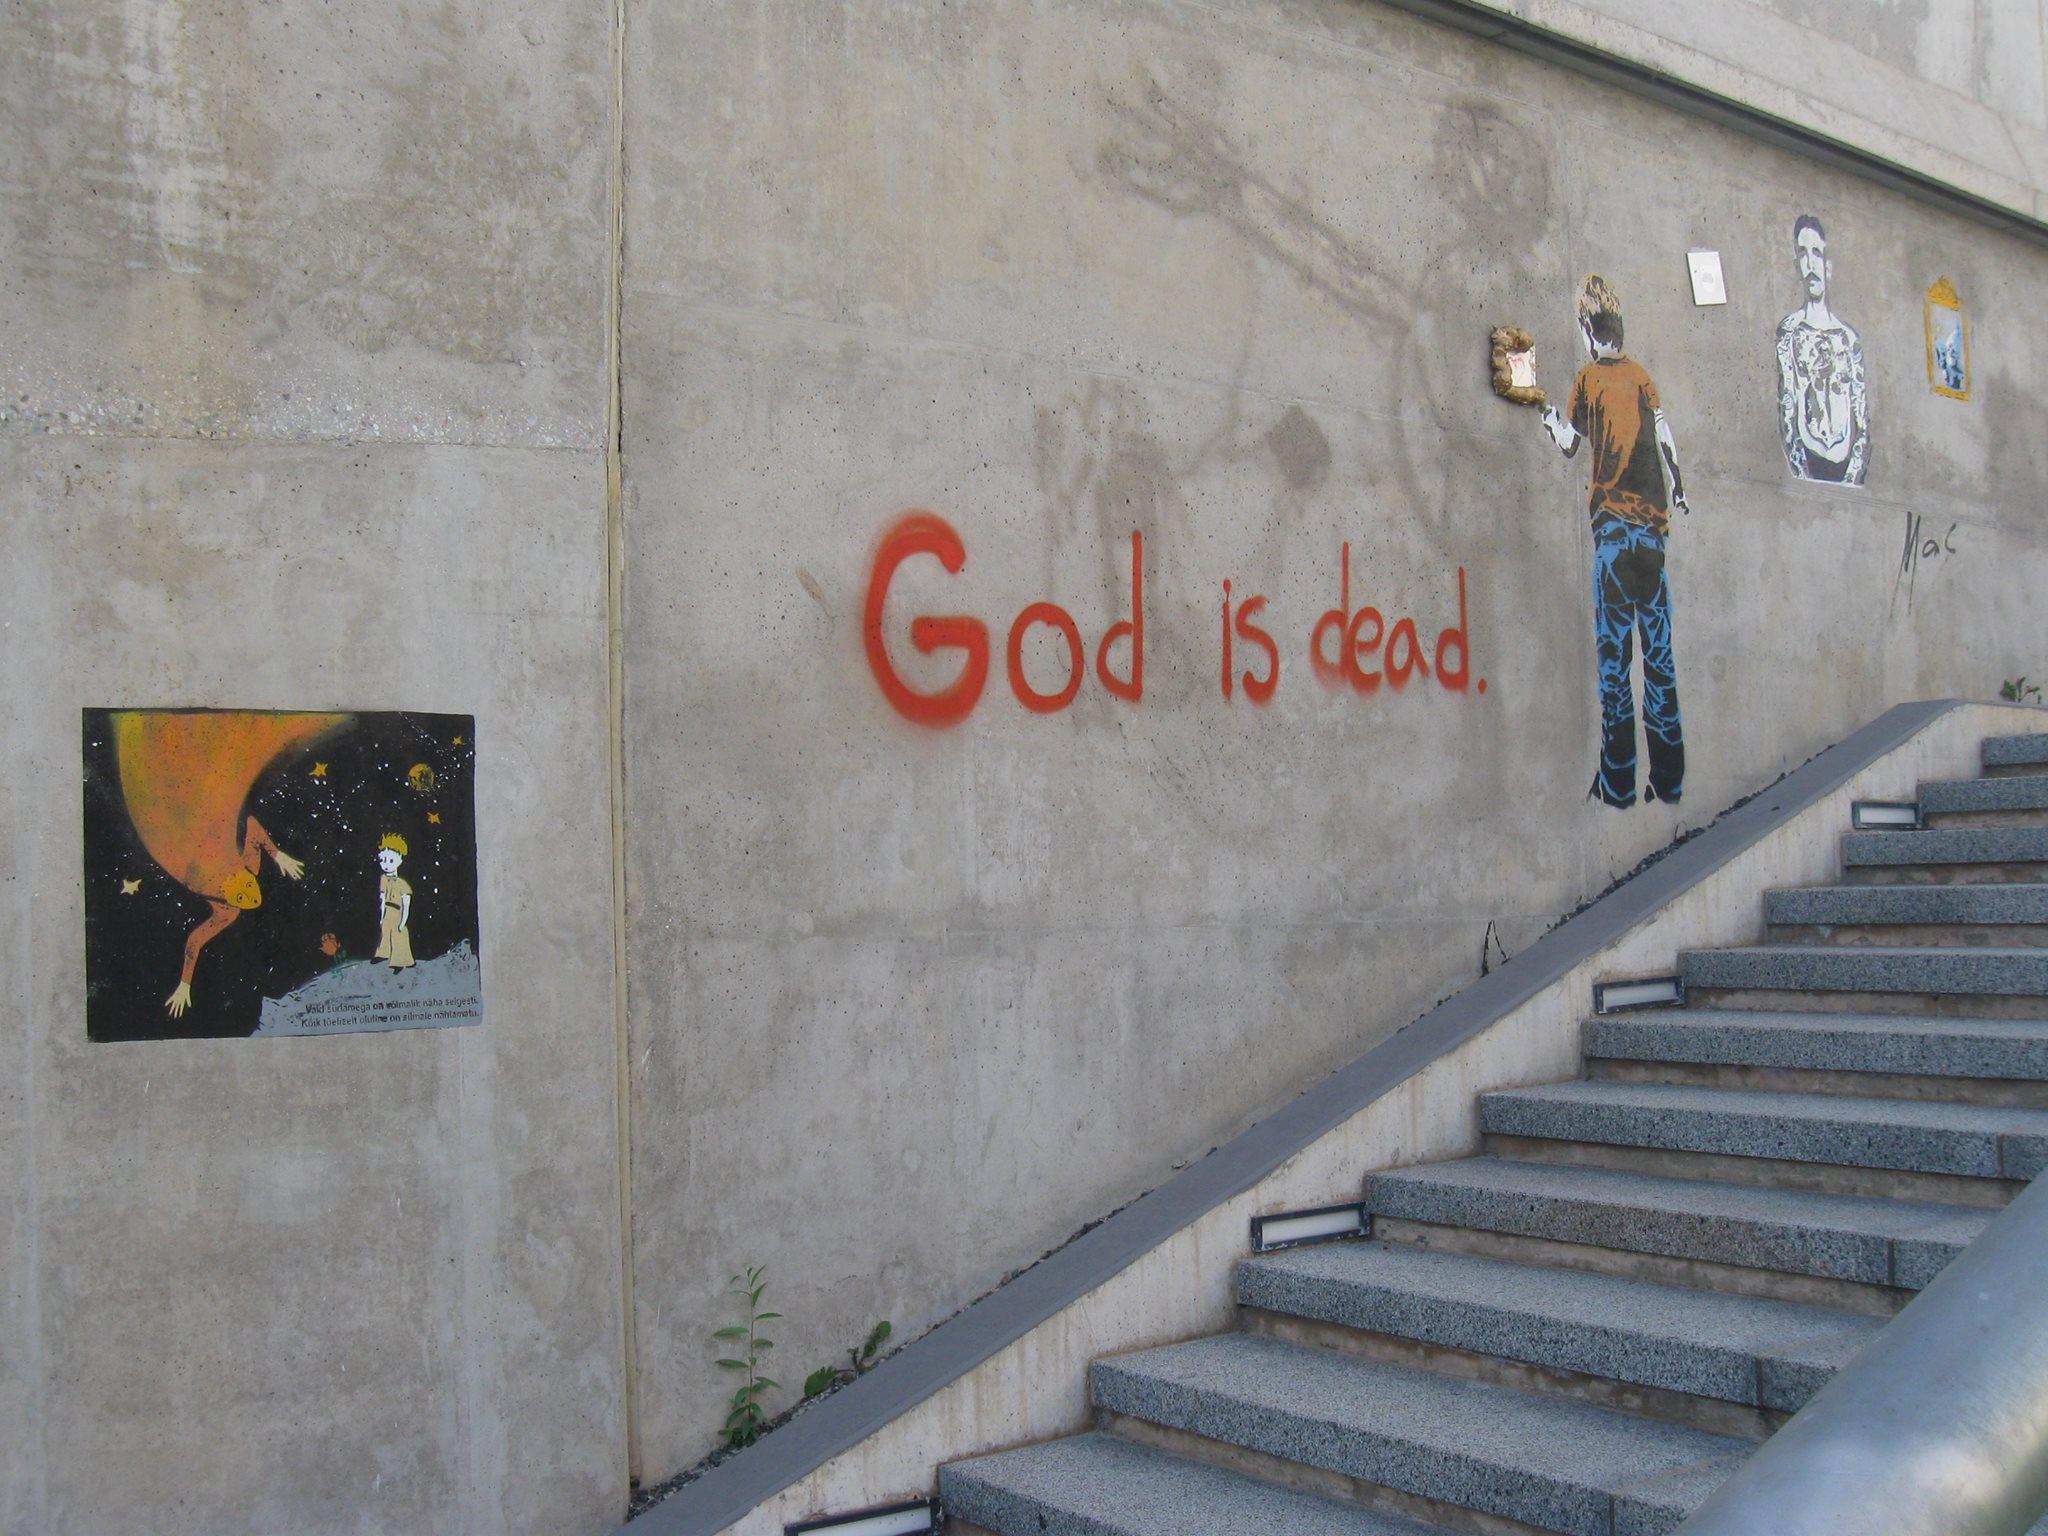 Esimene ateistlik graffiti Tartus. Pildistatud Issanda aastal 2014. Foto: Atko Remmel